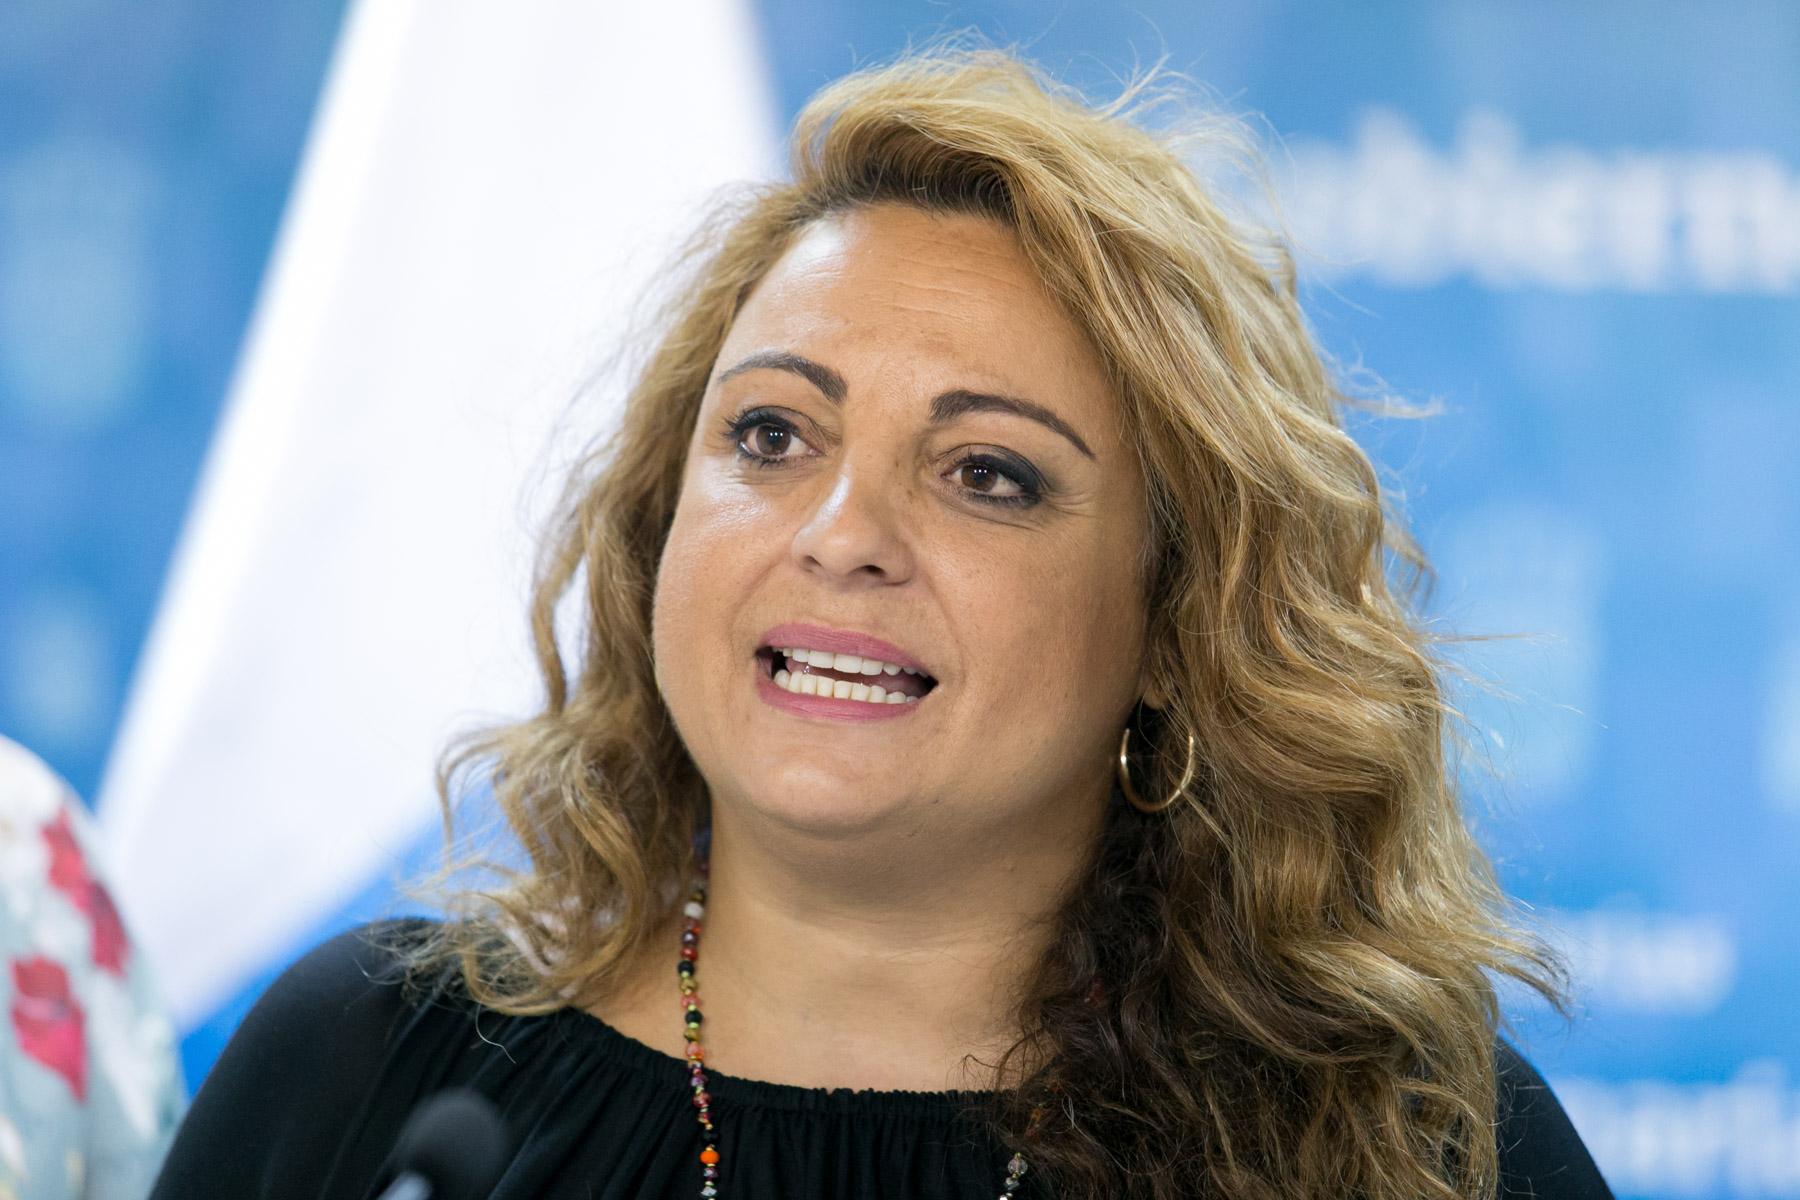 La consejera Cristina Valido aplaude el compromiso social por erradicar las injusticias de género, pero recuerda que aún queda por avanzar.